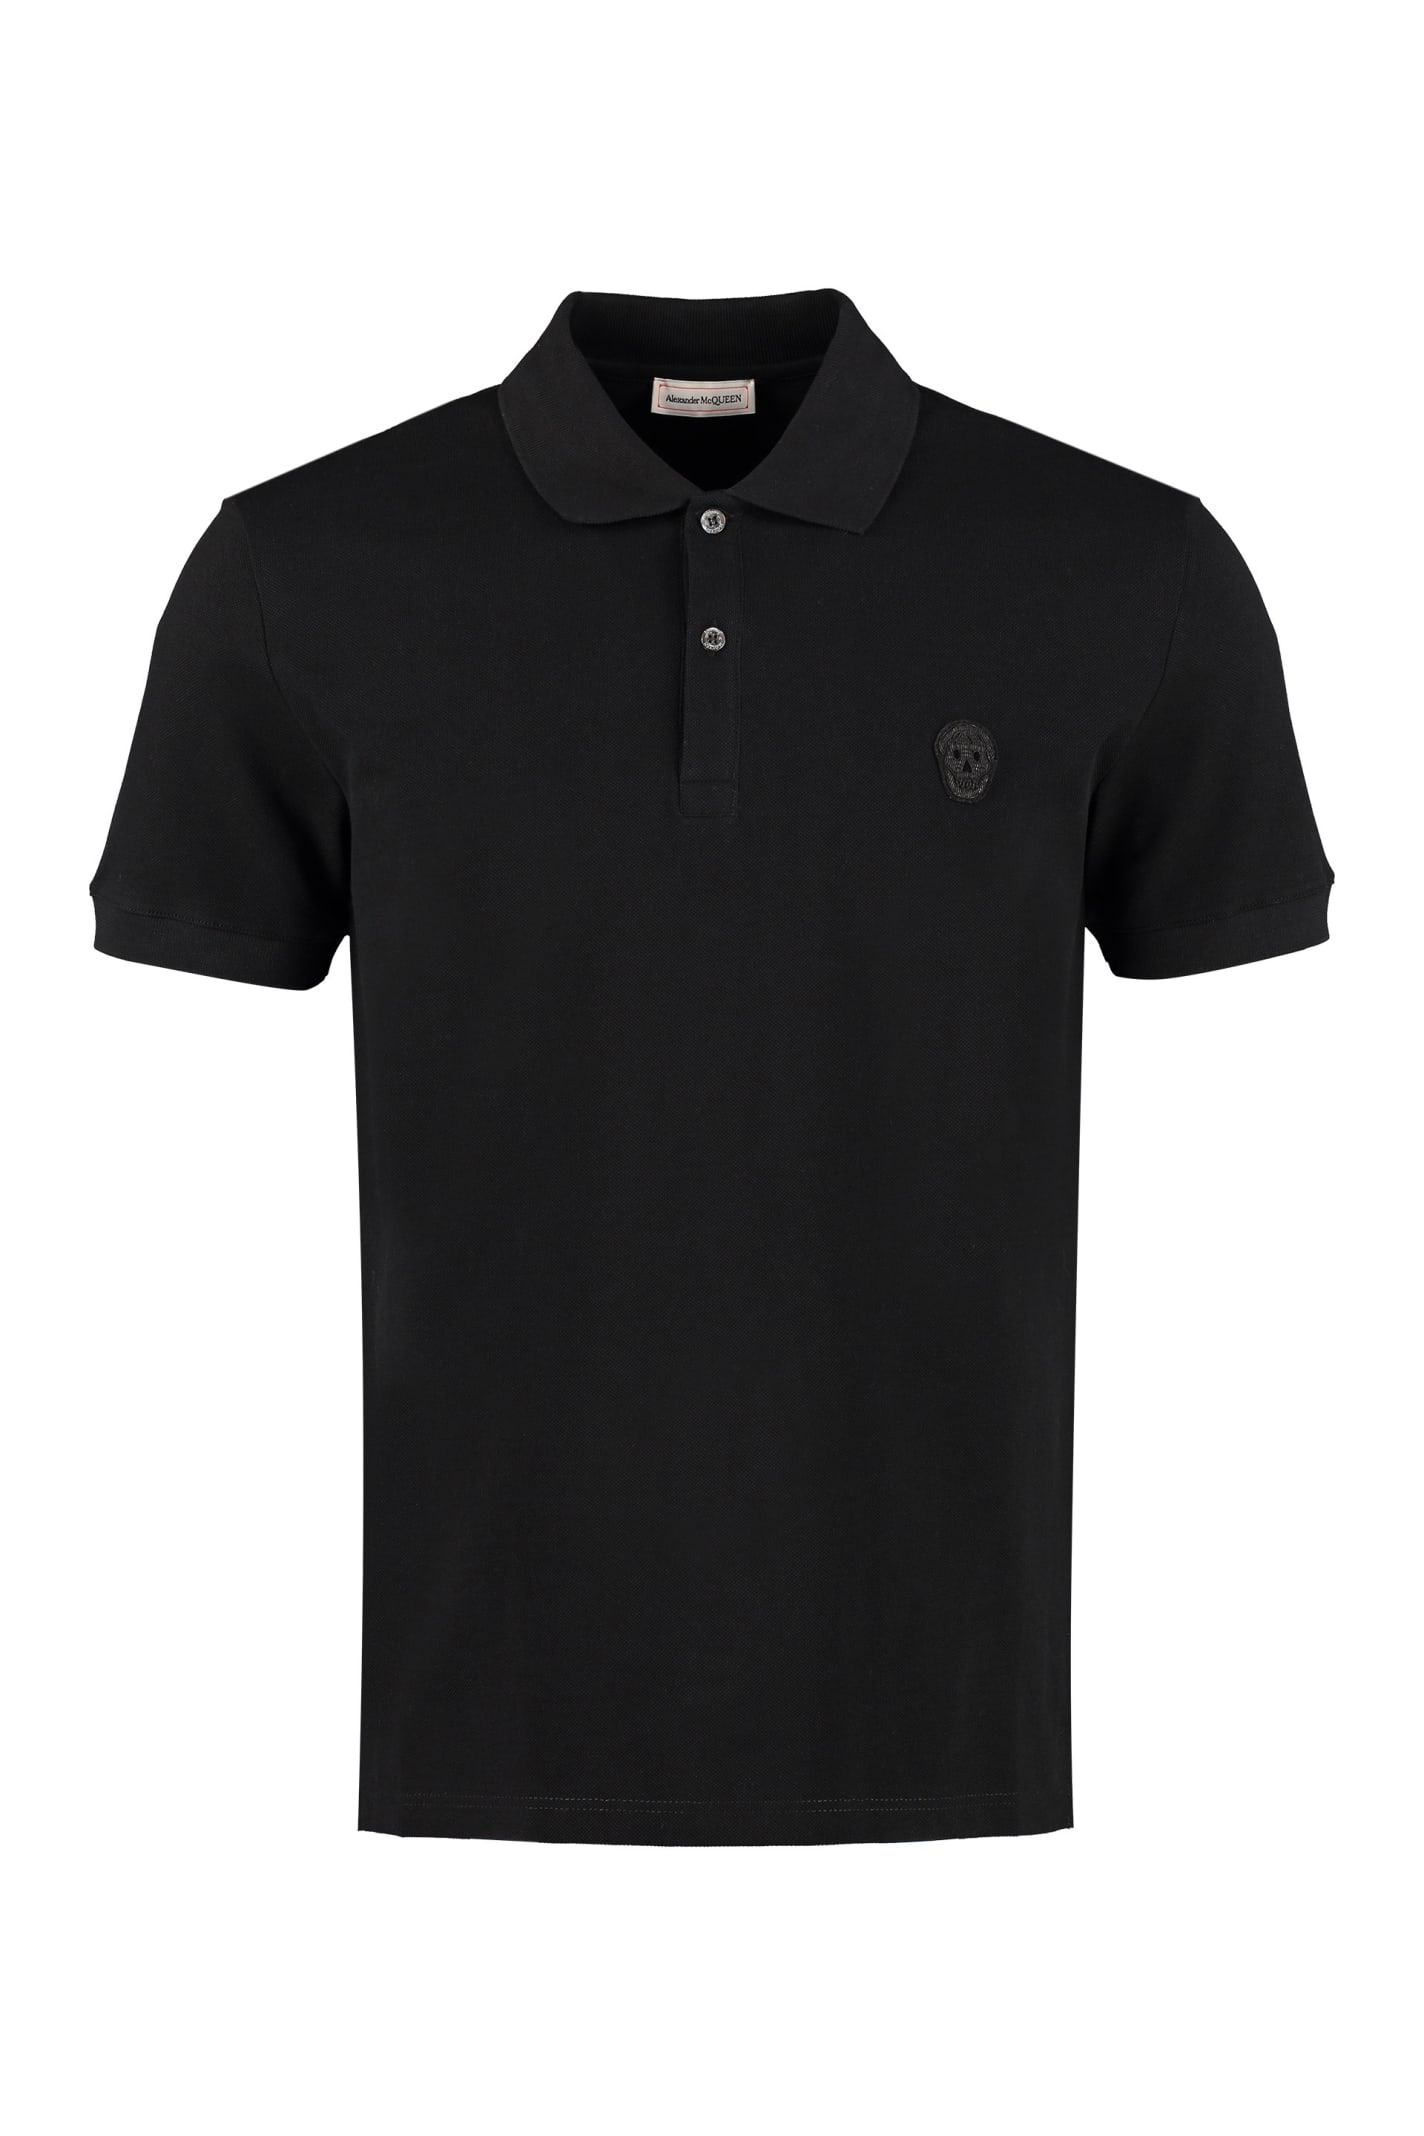 Alexander McQueen Cotton Piqué Polo Shirt With Patch